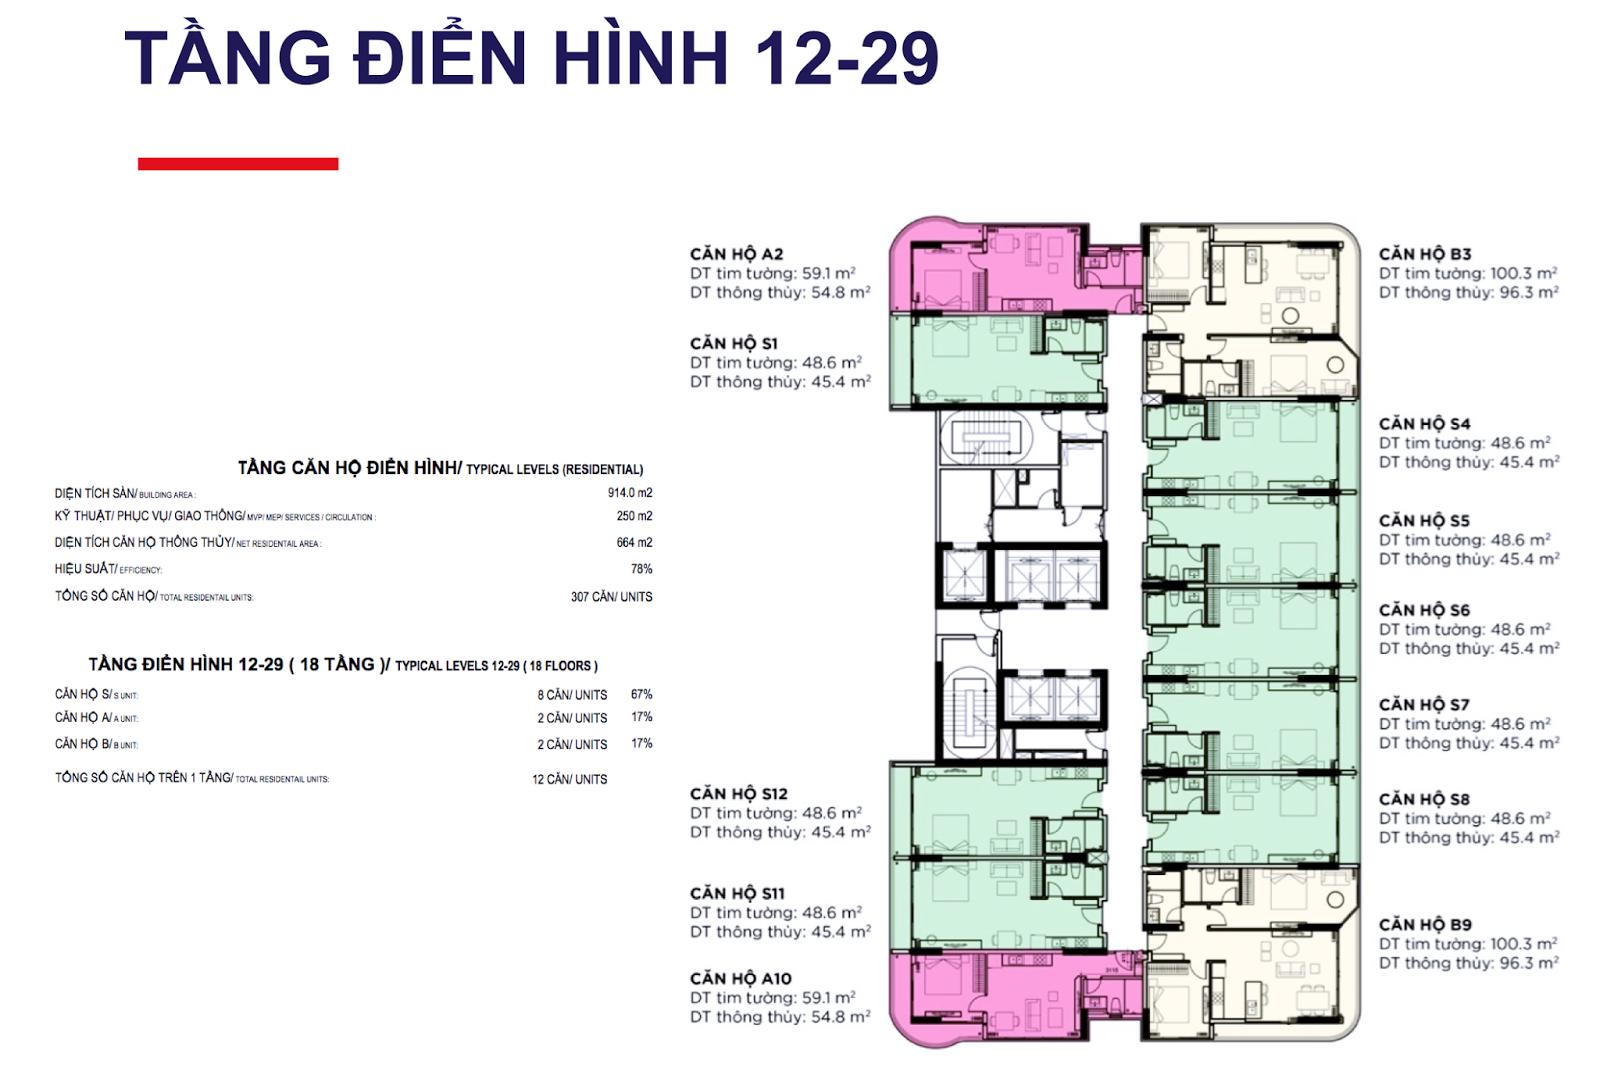 Mặt bằng điển hình 12 - 29 dự án Kim Long Season Mỹ Khê